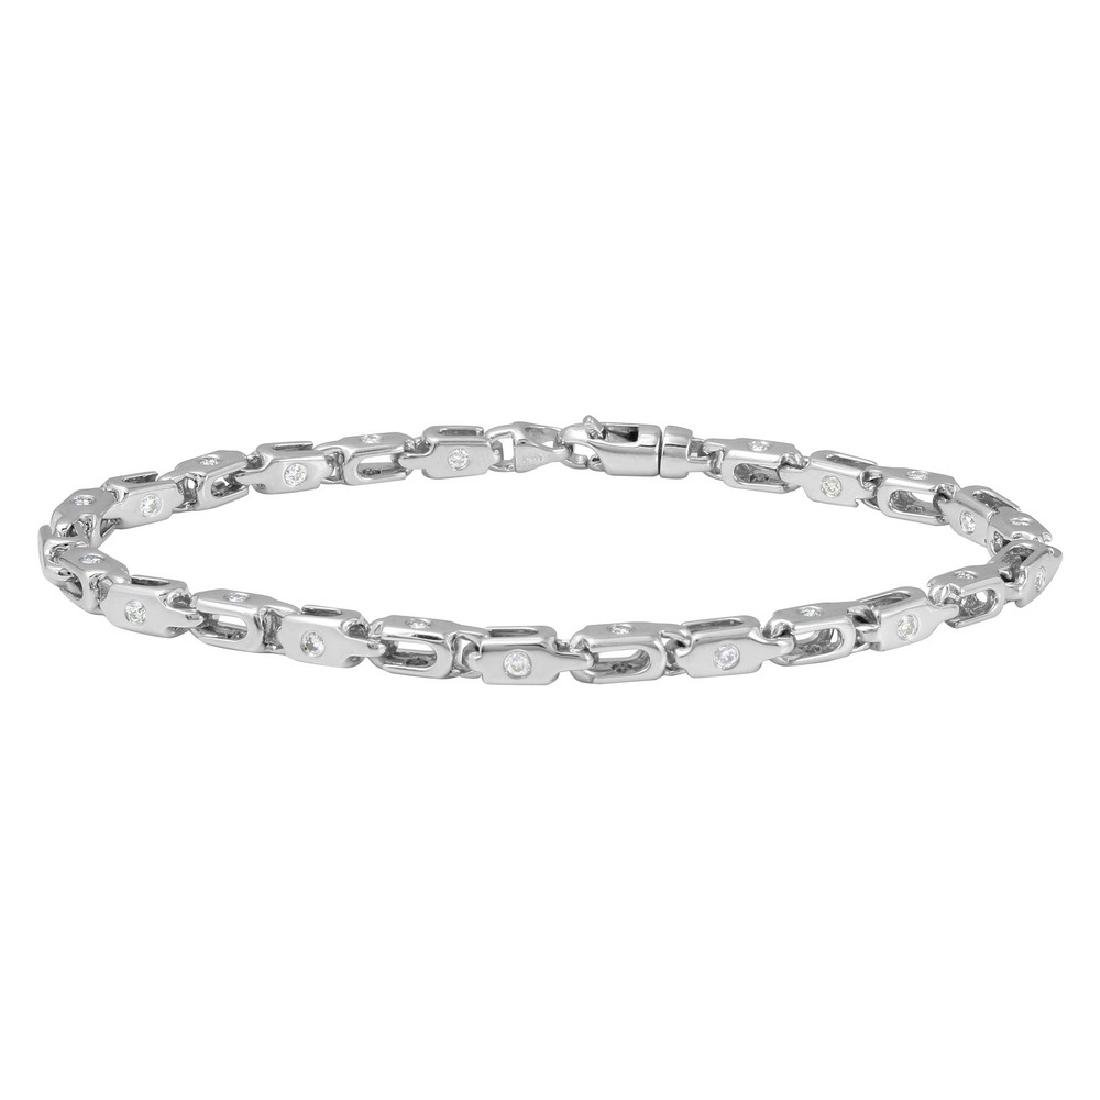 Genuine 1.41 TCW 14K White Gold Gents Bracelet